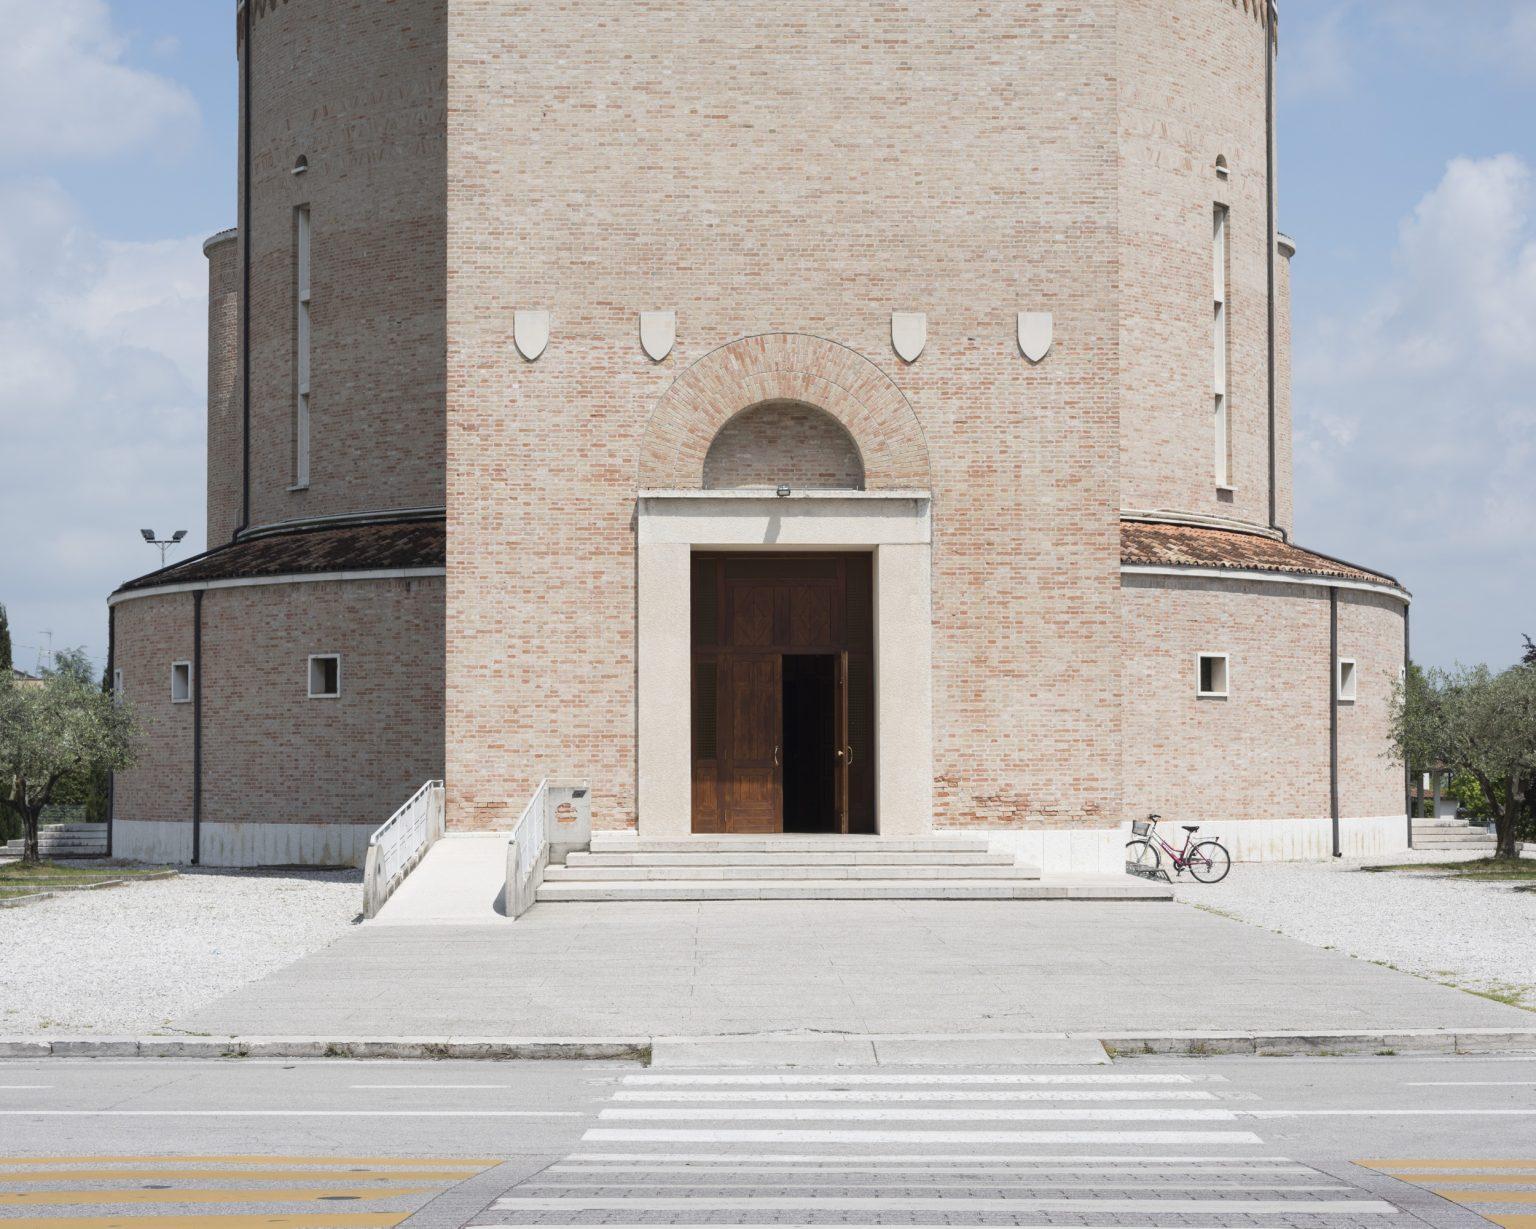 Ponte della Priula (Susegana, Treviso), tempio votivo ai caduti costruito nel 1934